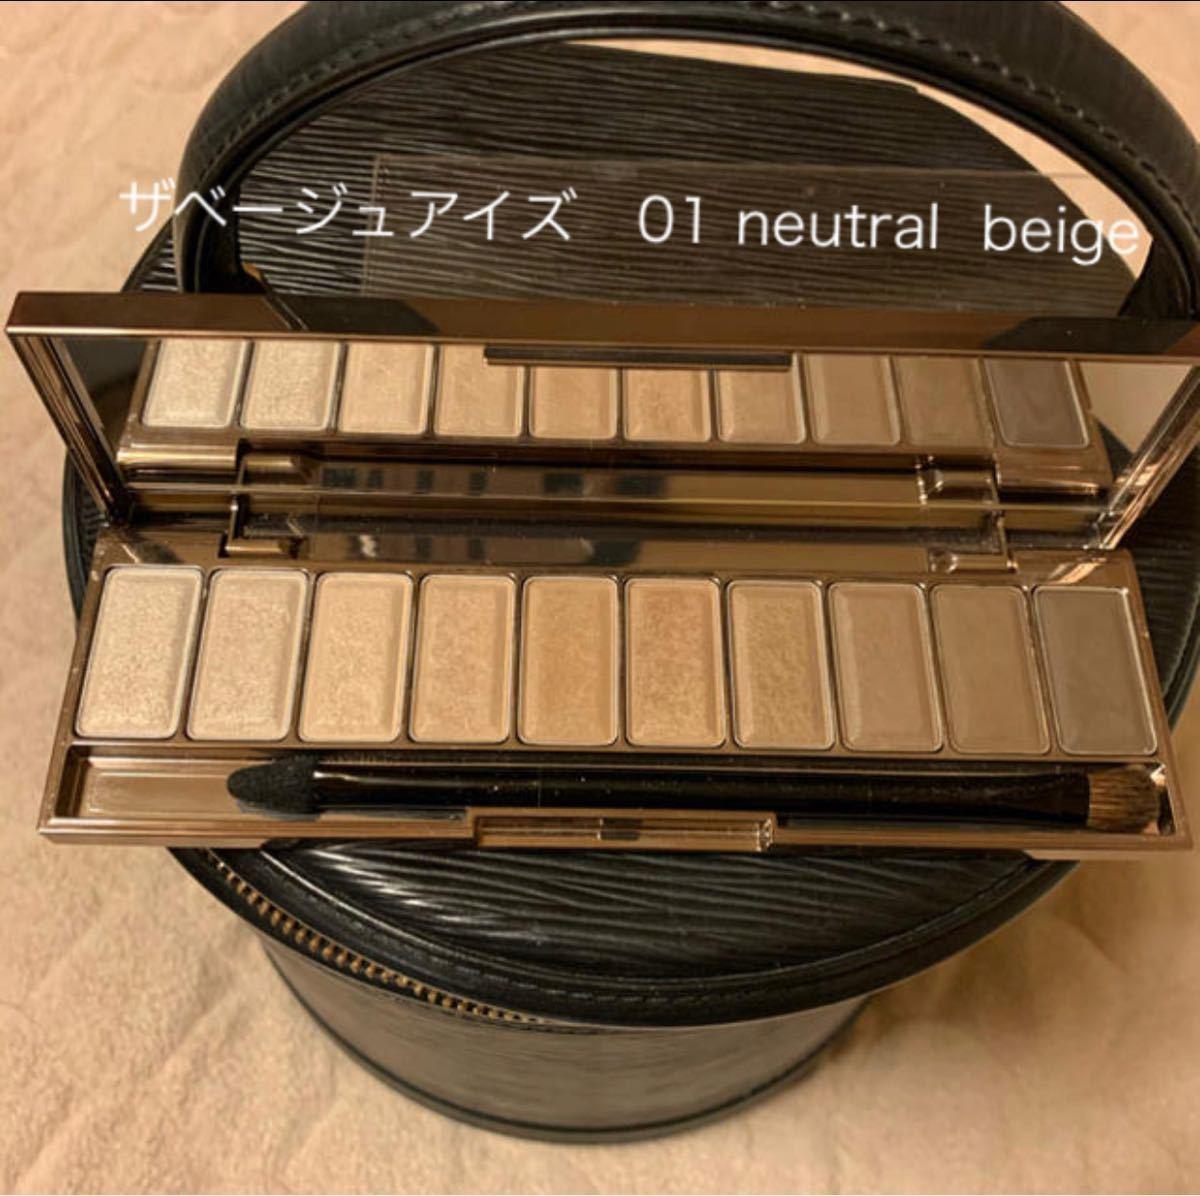 ルナソル ザ ベージュアイズ01 neutral  beige